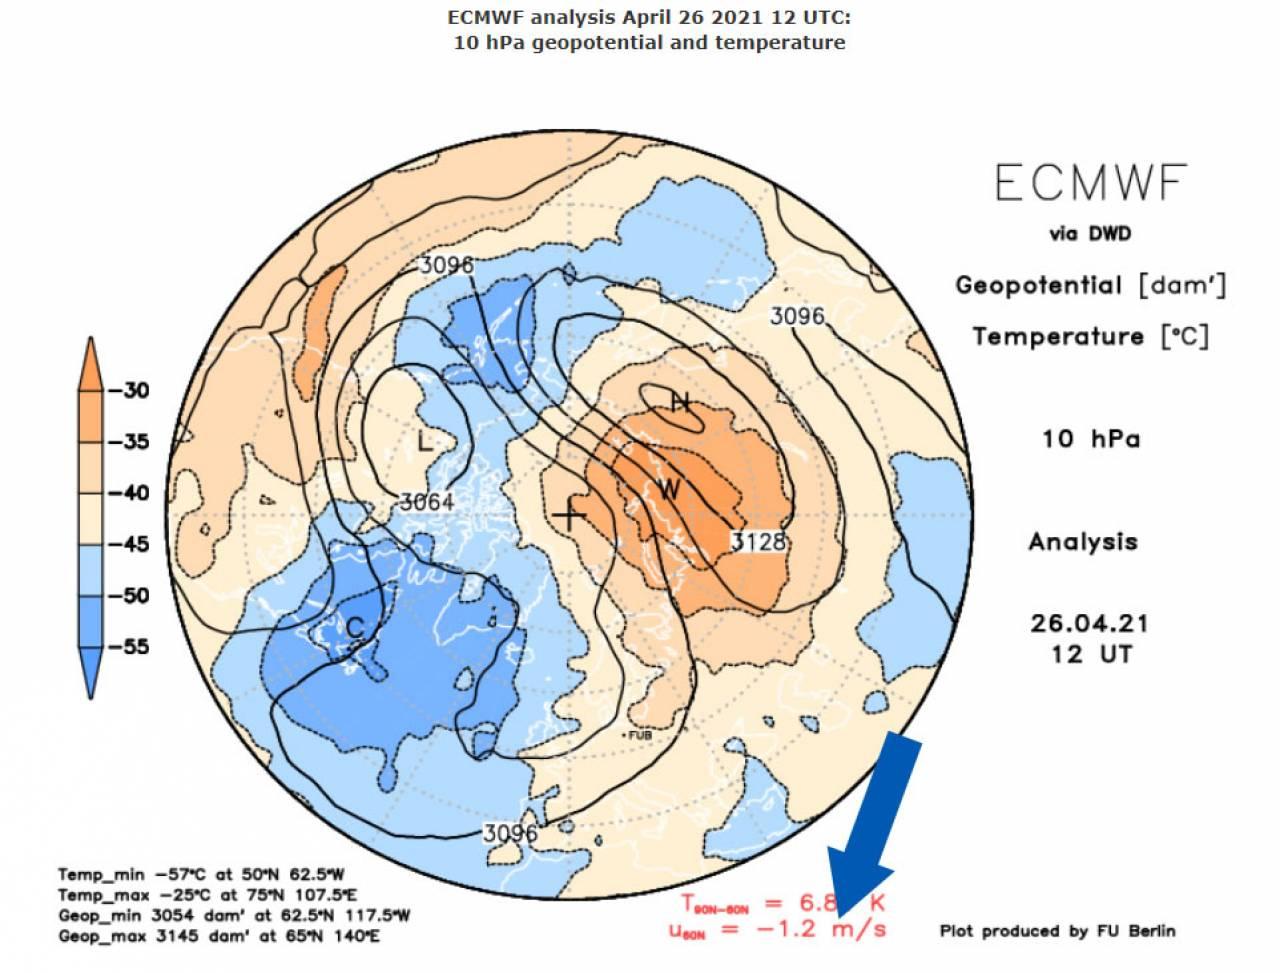 inversione dei venti a 10 hPa secondo Ecmwf